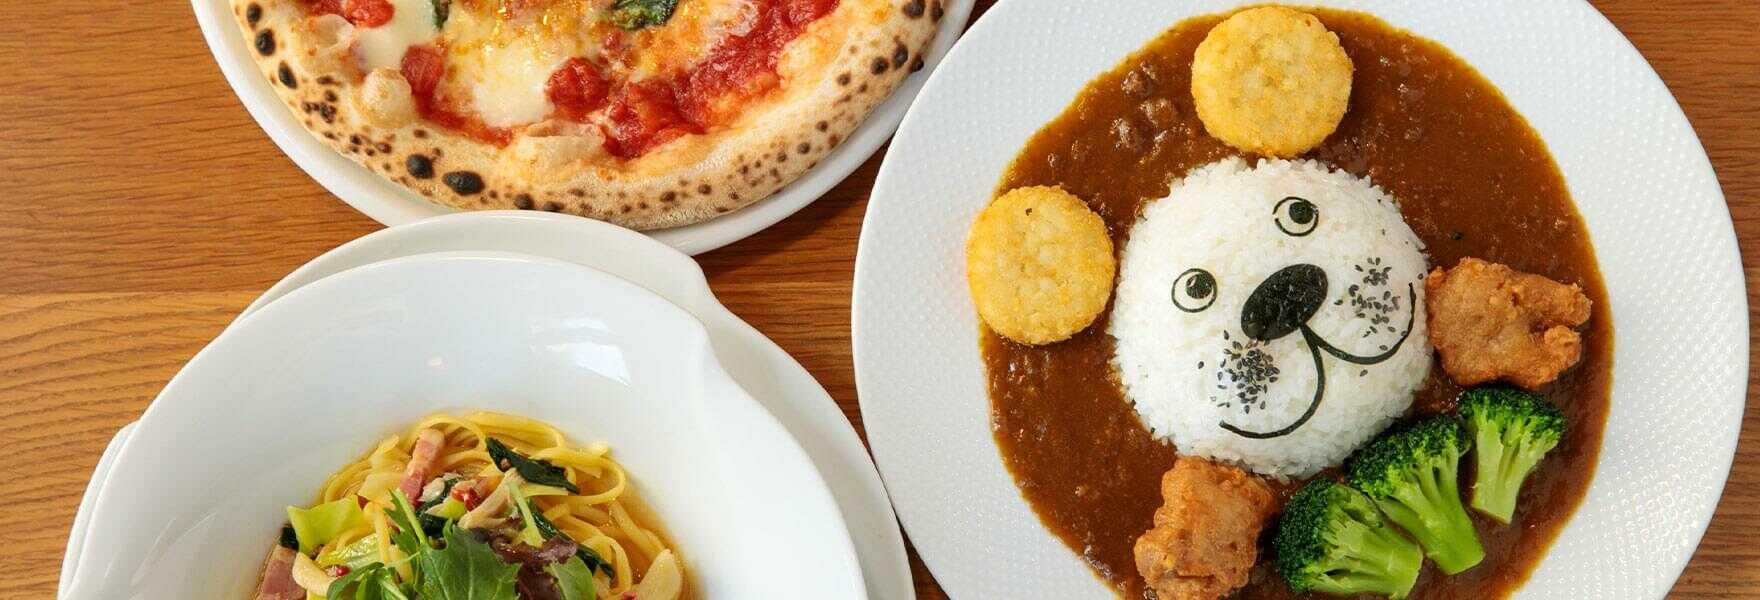 ゆったりくつろぐ本格イタリアンレストラン